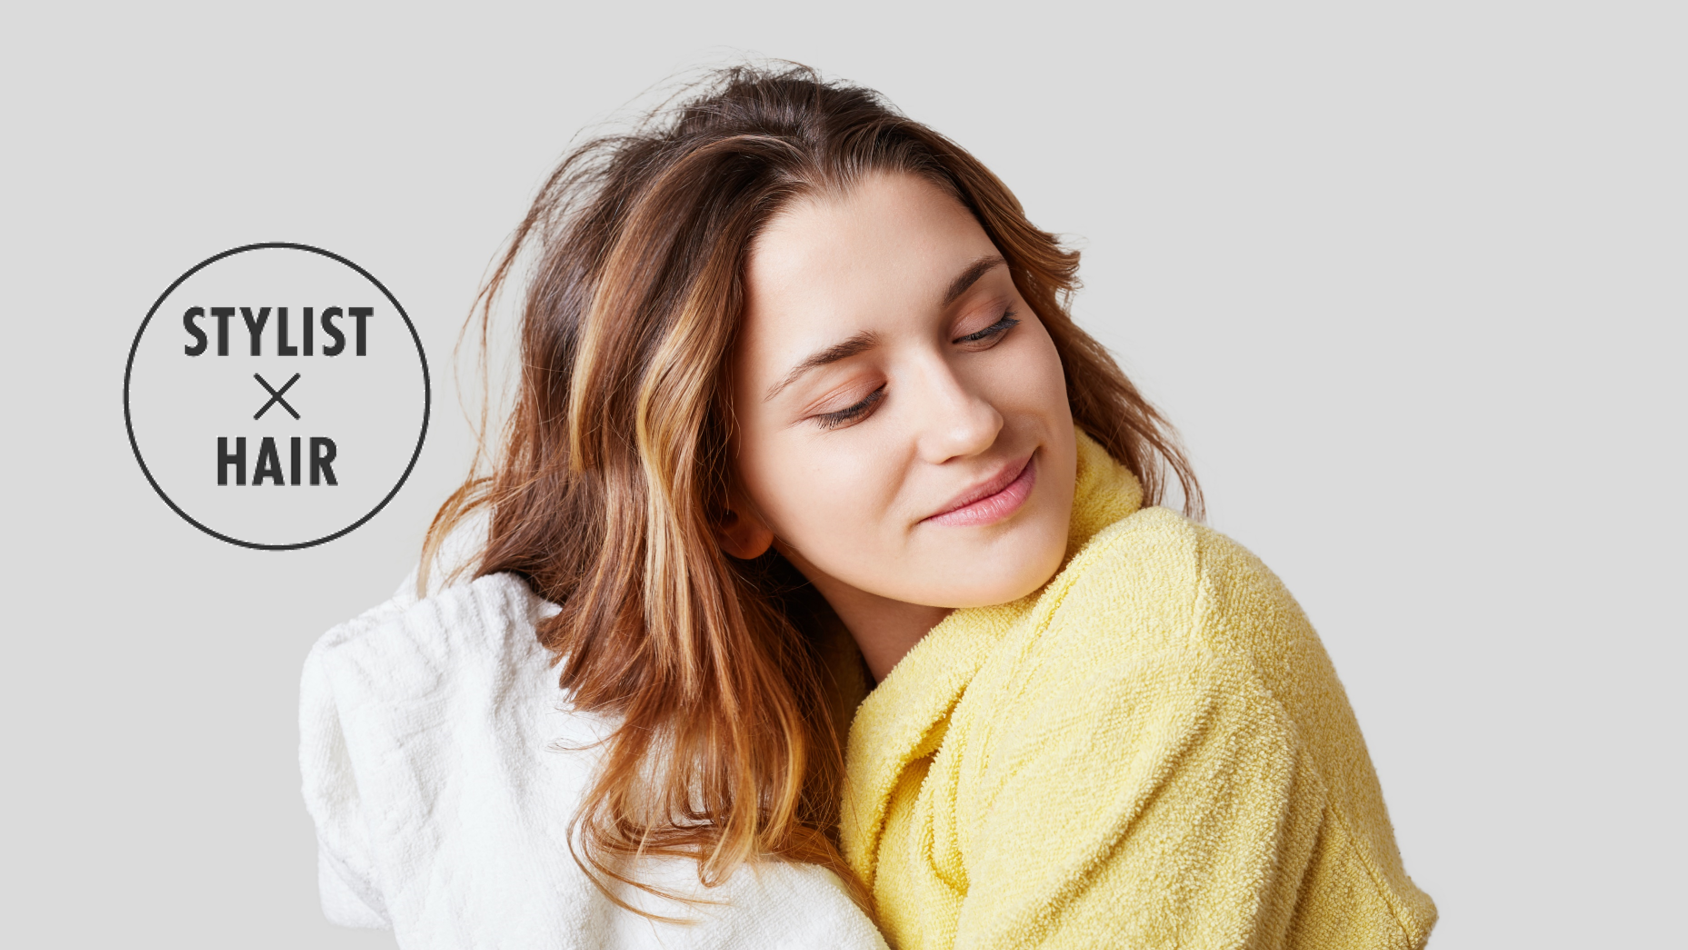 べたつく地肌を改善!地肌に効く美容師おすすめのシャンプー4選♪